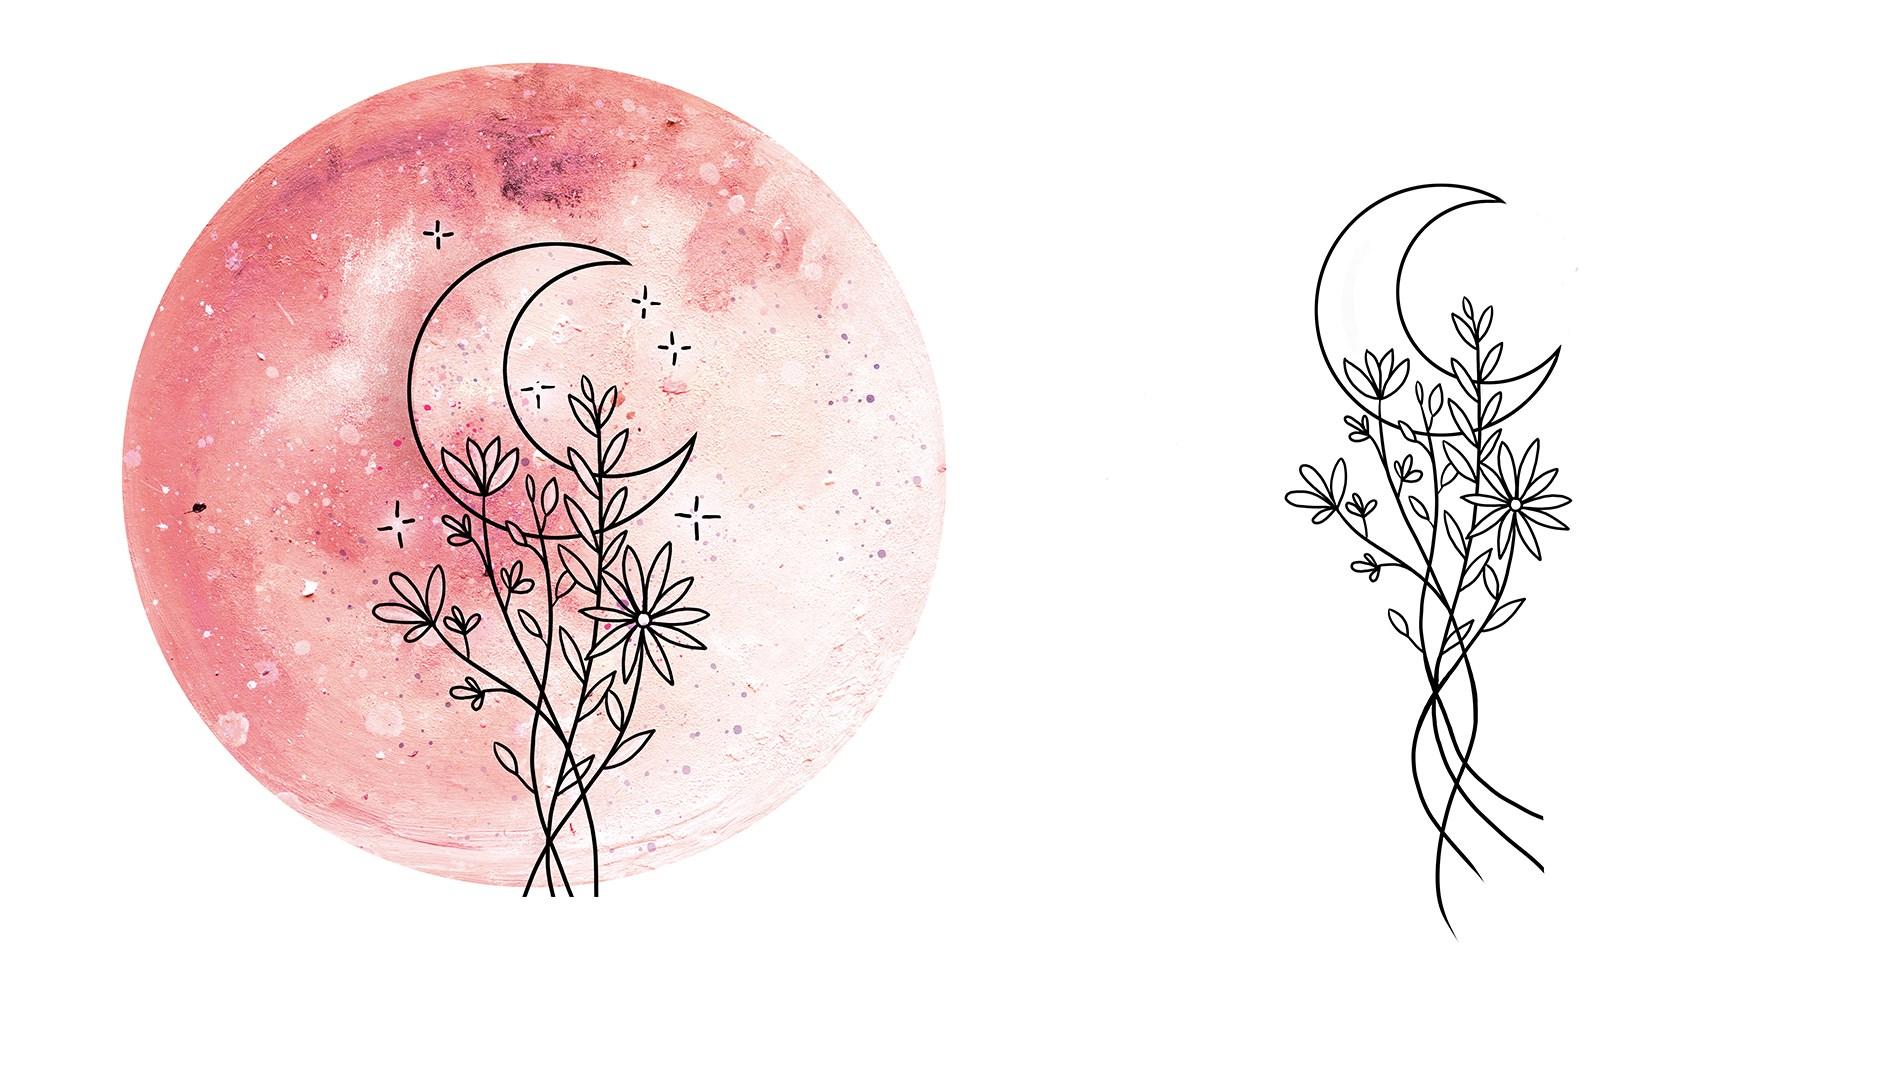 Niky-namaste-kolekce-meditacni-polstar-zafu-blooming-moon